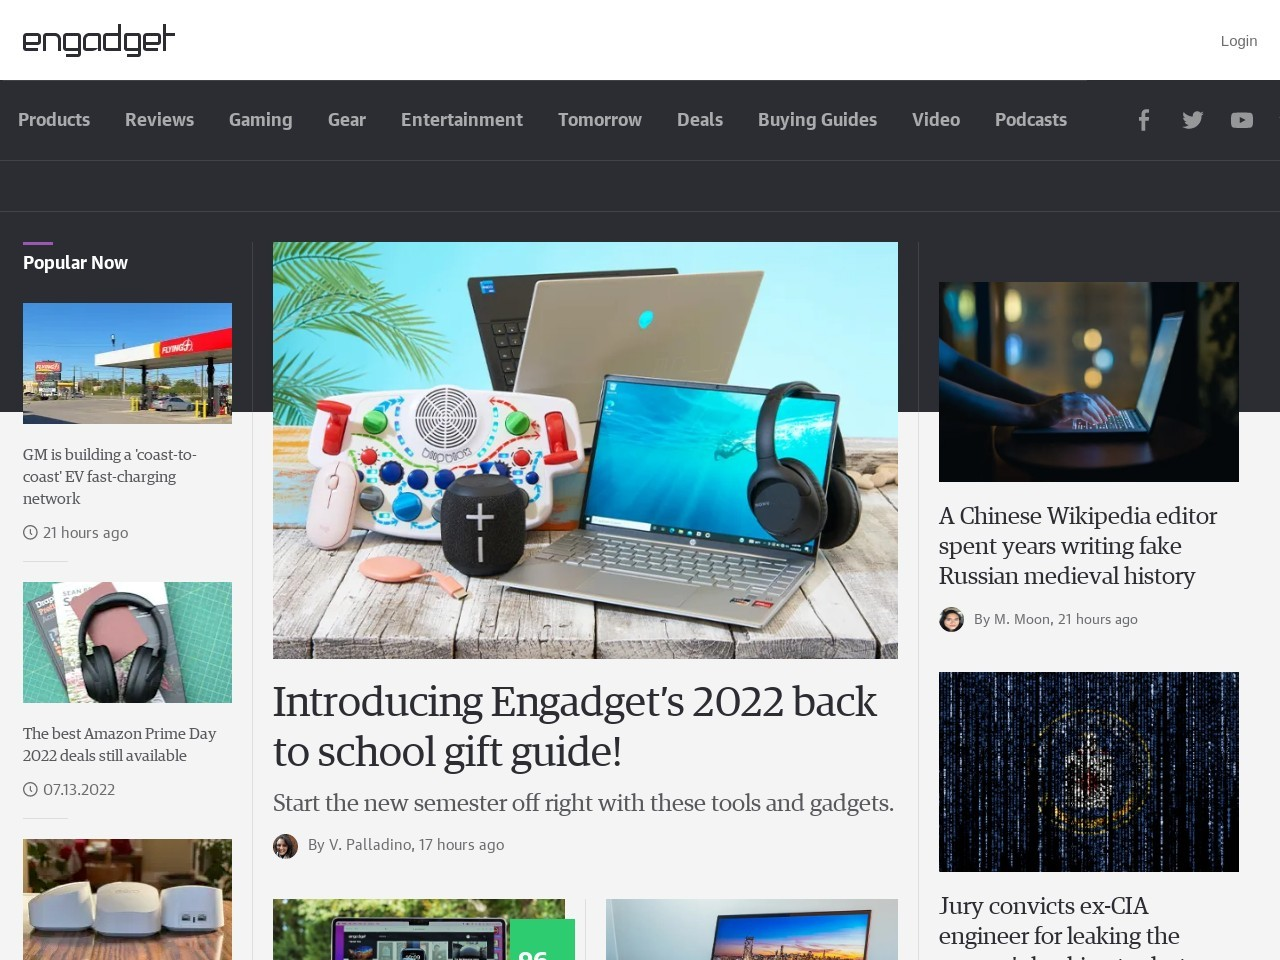 Engadget 日本版 : デジタルガジェットの最新情報をどこよりも早く、業界最前線からお届けするブログ形式のニュースサイト